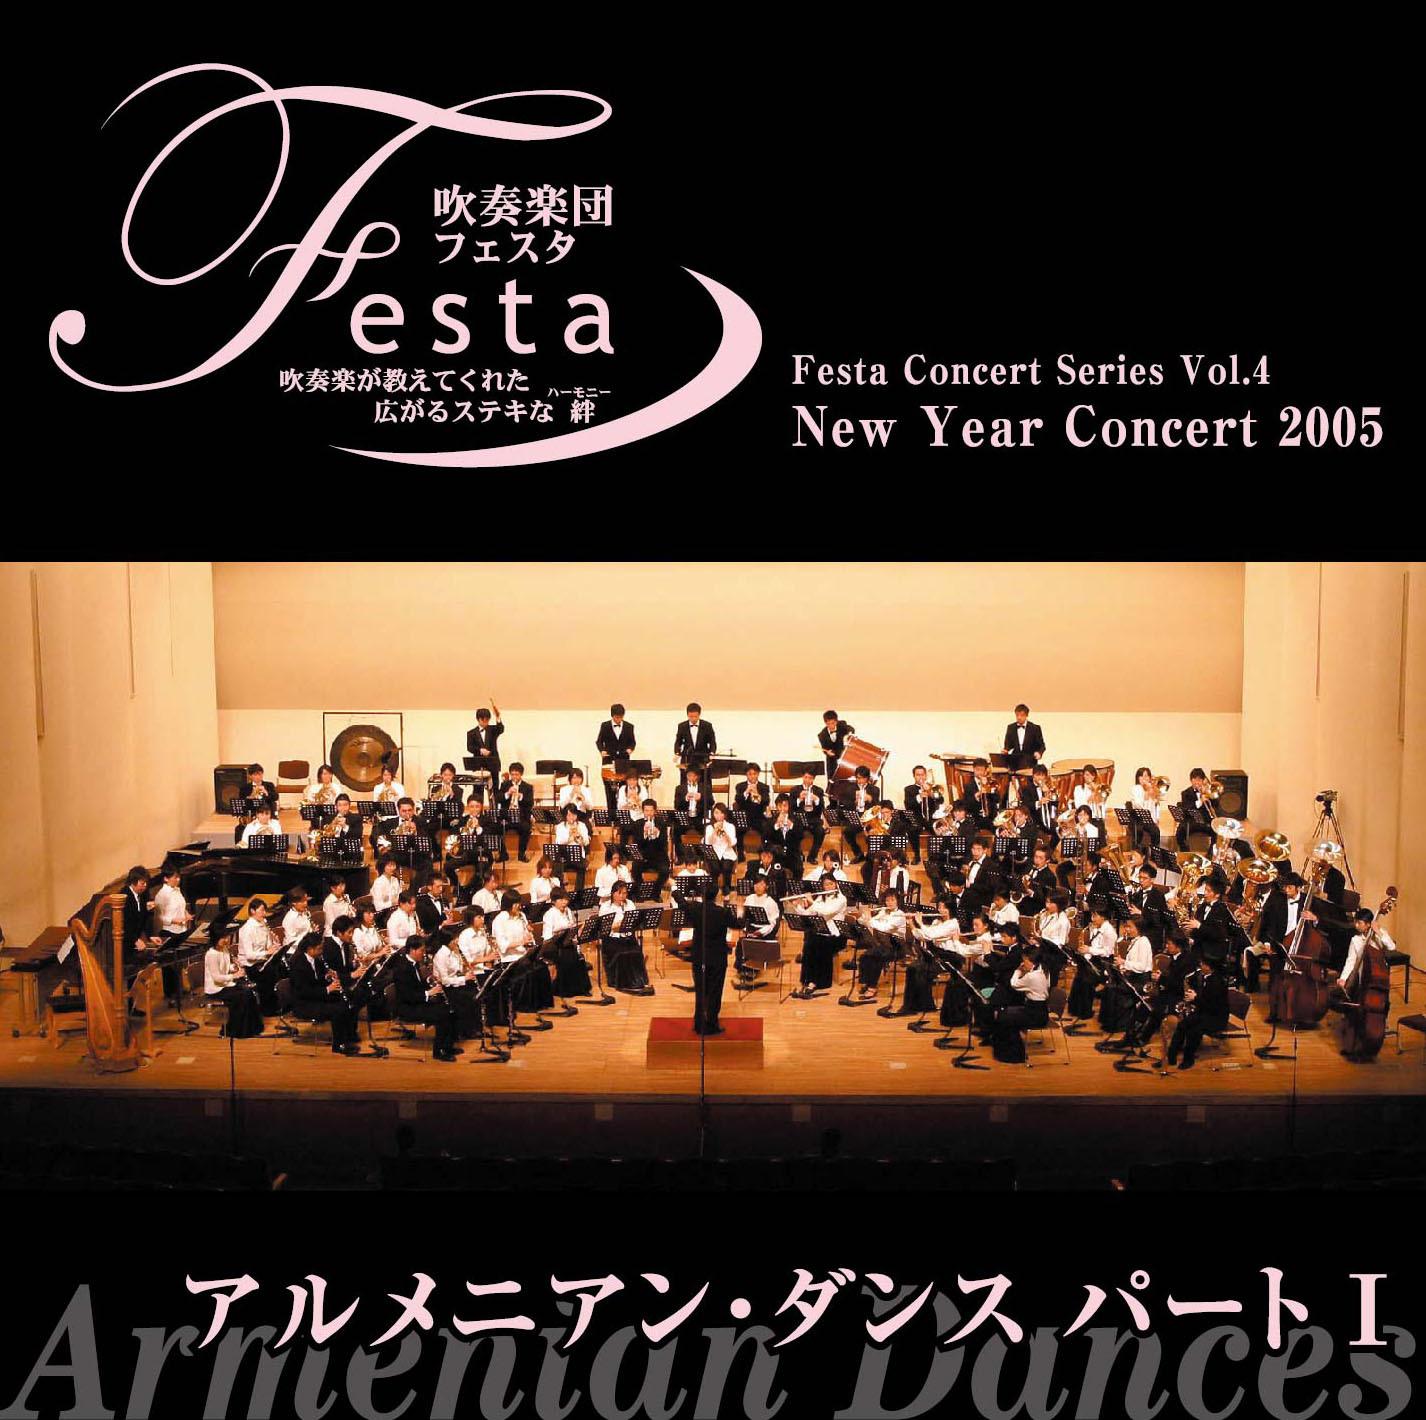 アルメニアン・ダンス/吹奏楽団Festa(WKCD-0001)